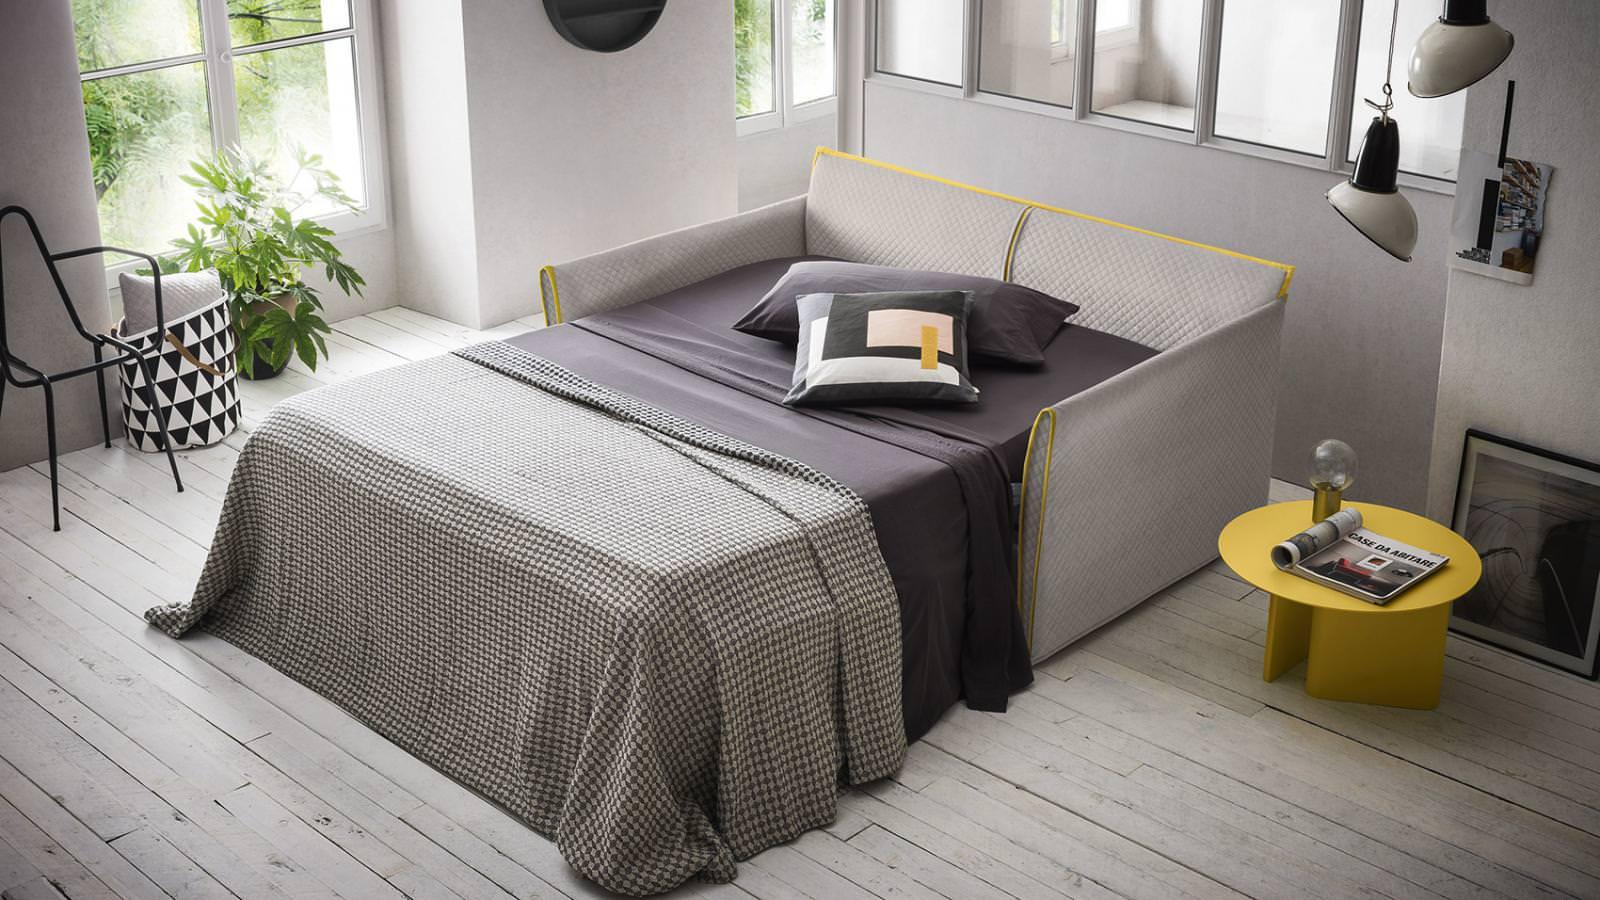 Jolie divani letto moderni e tradizionali felis for Divani e divani divani letto